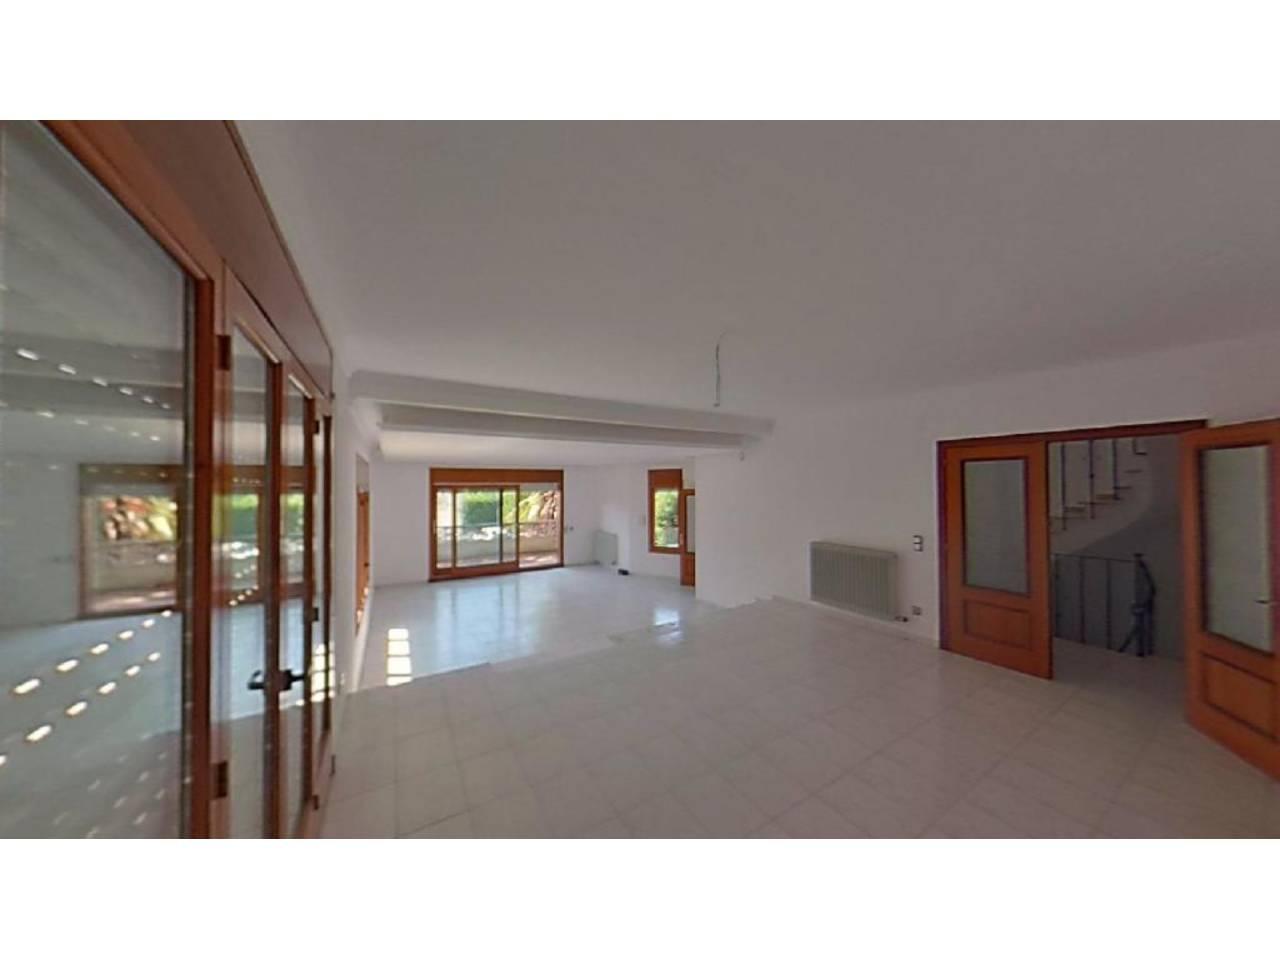 Alquiler Casa  Calle mas jardí. Casa en alquiler en girona. dispone de una superficie de 441 m²